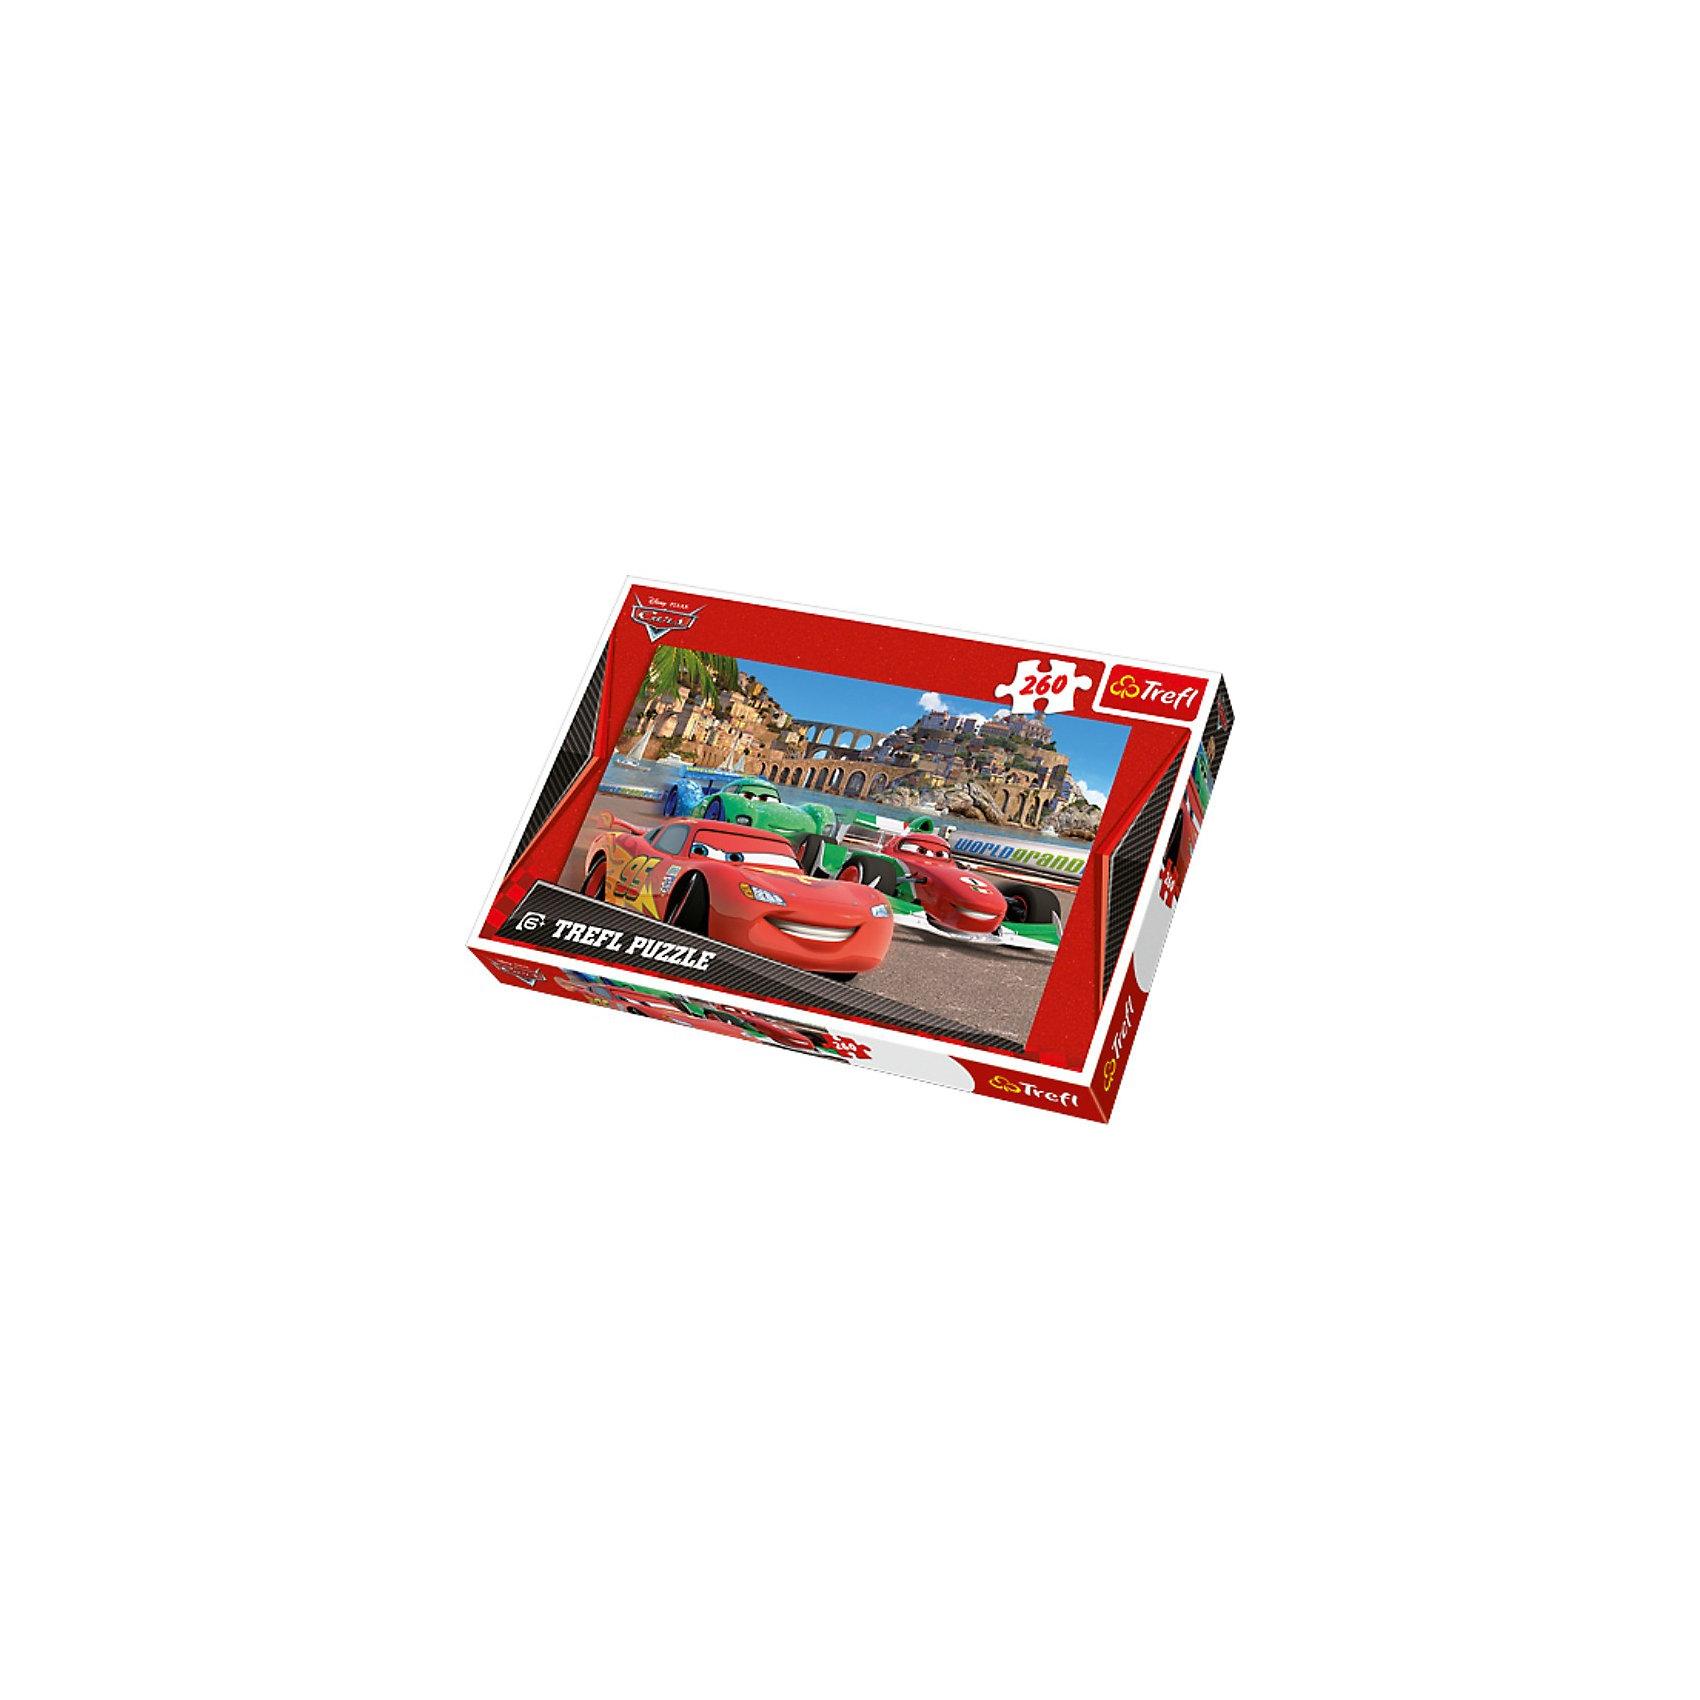 Пазл «Тачки в Порто Корсо», 260 деталей, TreflТачки<br>Характеристики товара:<br><br>• возраст от 6 лет;<br>• материал: картон;<br>• в комплекте: 260 элементов;<br>• размер пазла 60х40 см;<br>• размер упаковки 40х26,6х4,5 см;<br>• страна производитель: Польша.<br><br>Пазл «Тачки в Порто Корсо» Trefl создан по мотивам известного мультфильма «Тачки». На пазле изображены любимые персонажи мультфильма. Все элементы сделаны из качественного плотного картона. В процессе сборки у детей развиваются логическое мышление, усидчивость, моторика рук.<br><br>Пазл «Тачки в Порто Корсо» Trefl можно приобрести в нашем интернет-магазине.<br><br>Ширина мм: 398<br>Глубина мм: 273<br>Высота мм: 50<br>Вес г: 618<br>Возраст от месяцев: 96<br>Возраст до месяцев: 132<br>Пол: Мужской<br>Возраст: Детский<br>Количество деталей: 260<br>SKU: 3705620